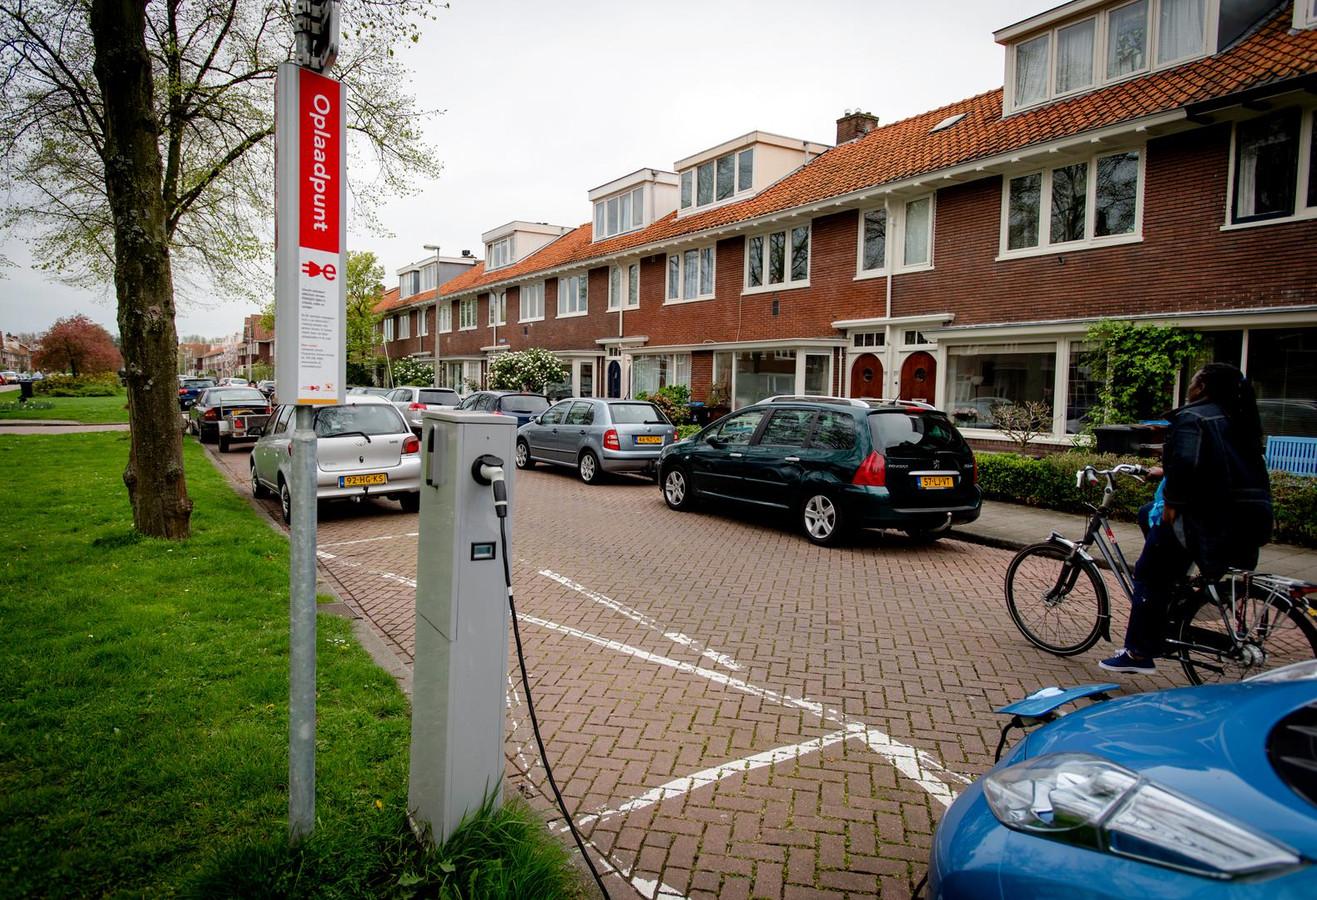 Oplaadpunt voor elektrische auto's in Amsterdam